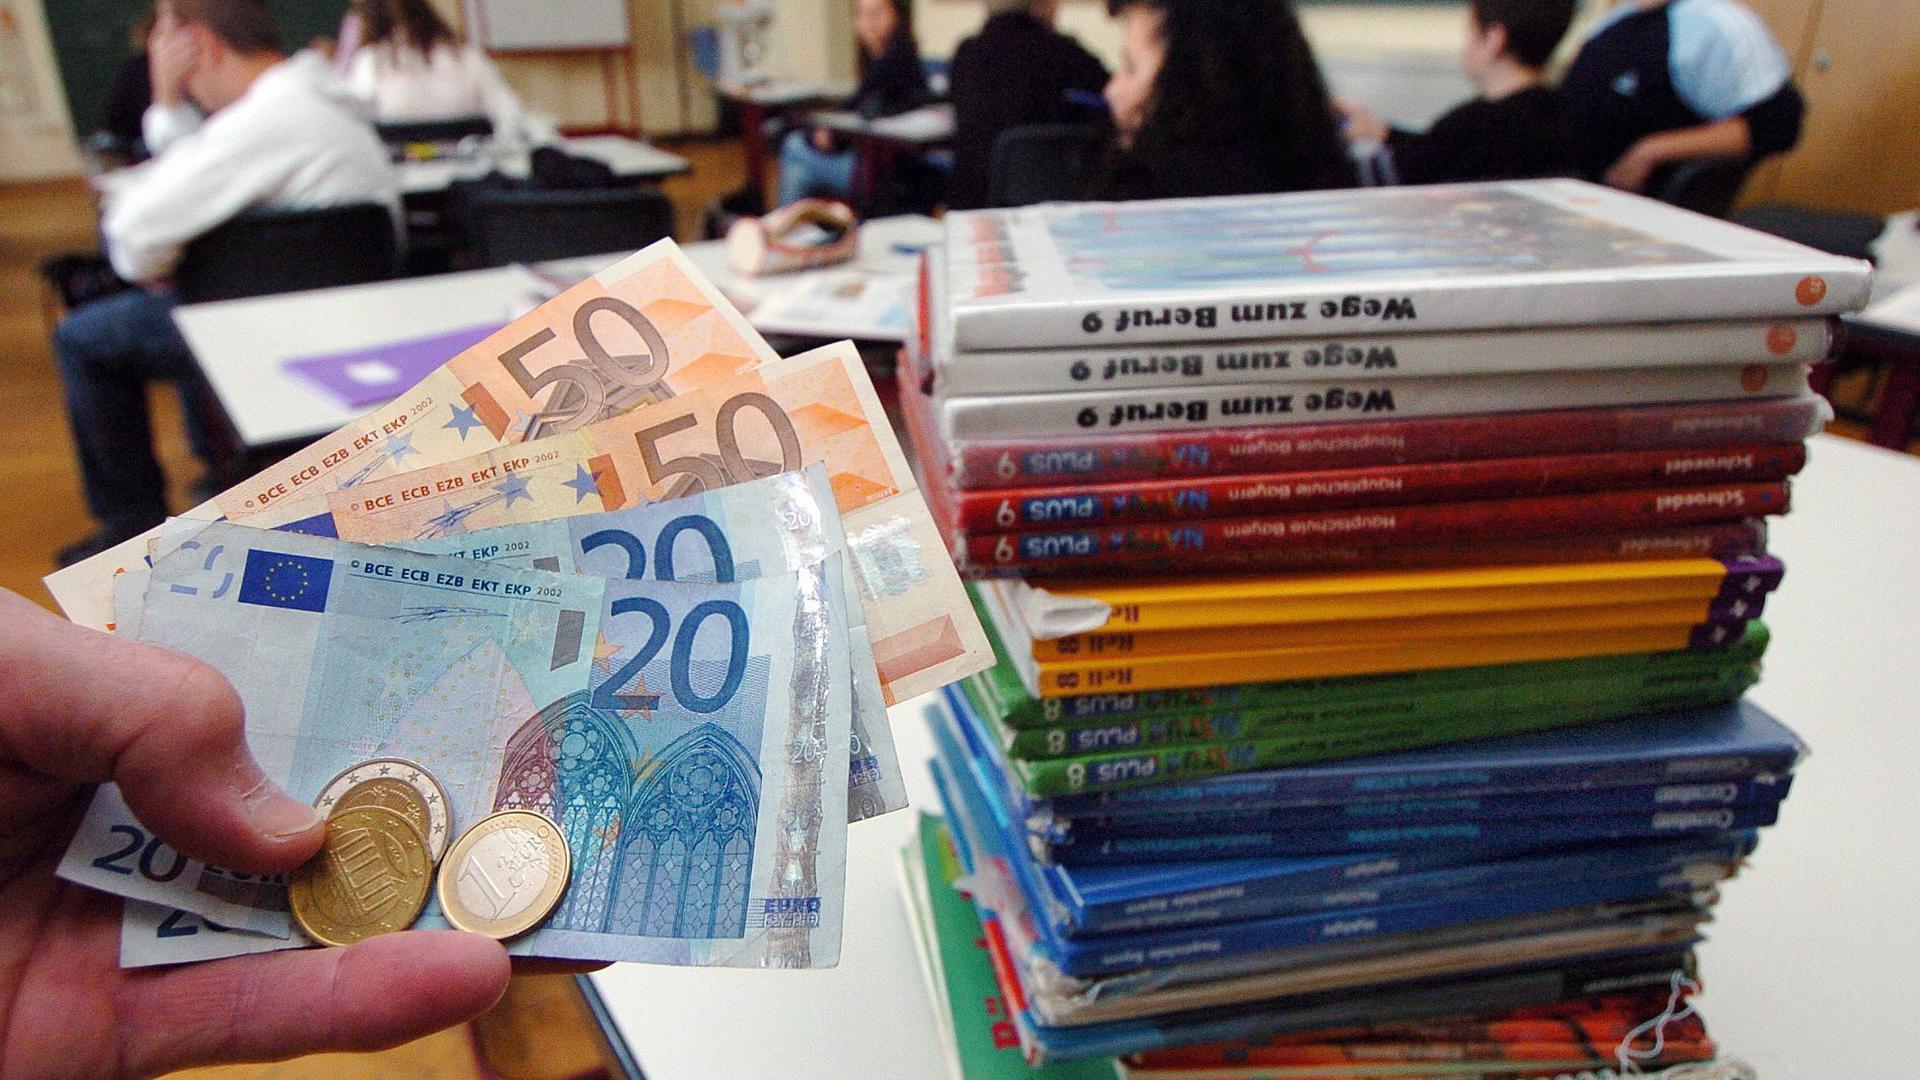 ARCHIV - Geld wird im Klassenzimmer einer Schule im niederbayerischen Straubing neben einem Stapel mit Schulbüchern gehalten (Illustration zum Thema Lernmittelfreiheit vom 24.09.2004). Das Büchergeld im Freistaat wird zum kommenden Schuljahr 2008/2009 abgeschafft. Das hat das Kabinett am Dienstag (11.03.2008) in München beschlossen. Foto: Armin Weigel dpa/lby (zu lby 7322 vom 11.03.2008) +++(c) dpa - Bildfunk+++ | Verwendung weltweit